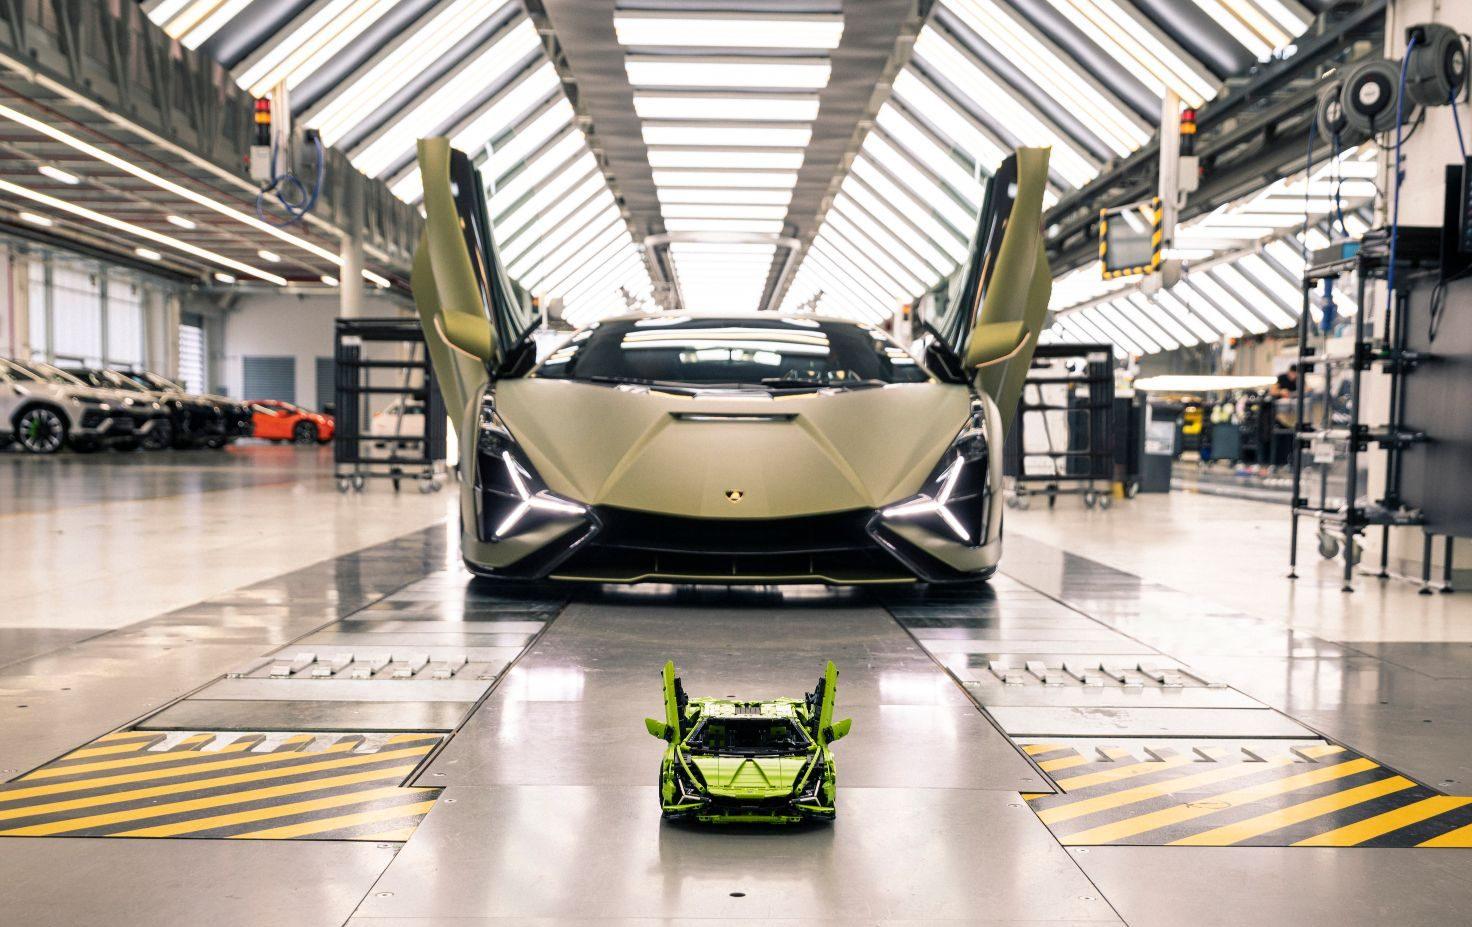 الصورة-1-'أوتوموبيلي-لامبورغيني'-و'مجموعة-ليغو'-تعيدان-ابتكار-Lamborghini-Sián-FKP-37-e1590752821581